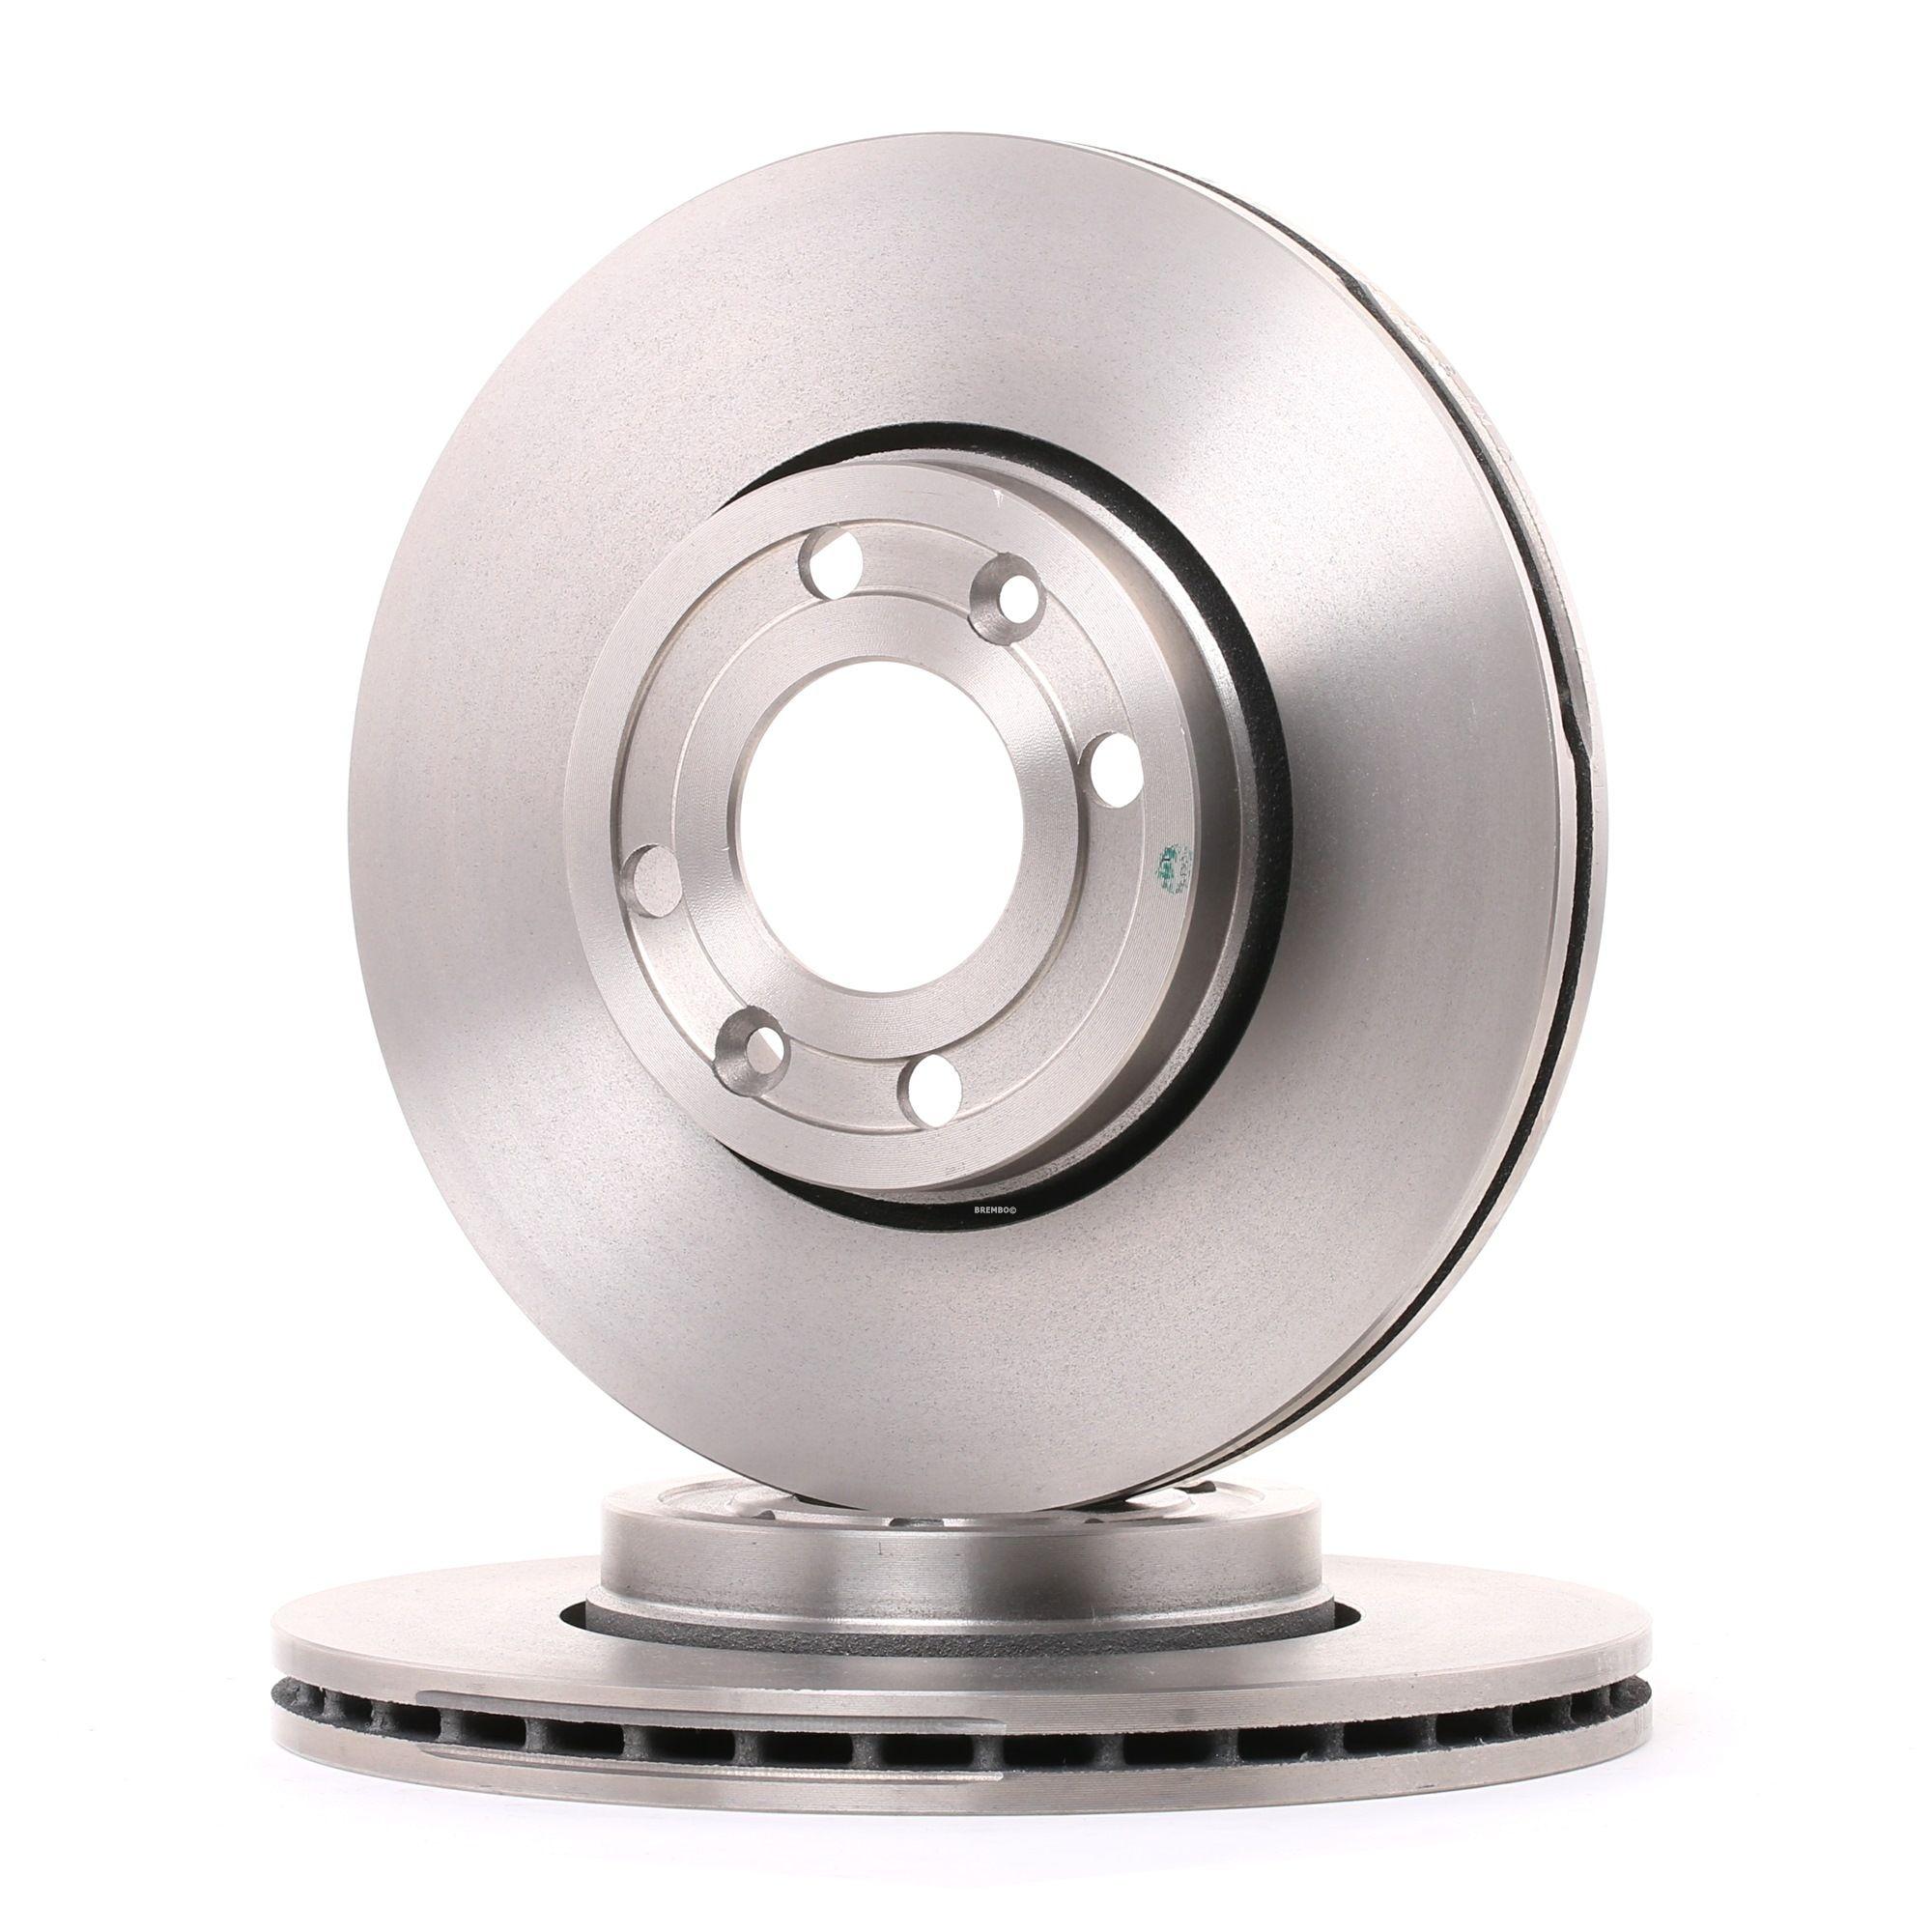 Stabdžių diskas Renault Megane 2 m. 2008 09.9078.10